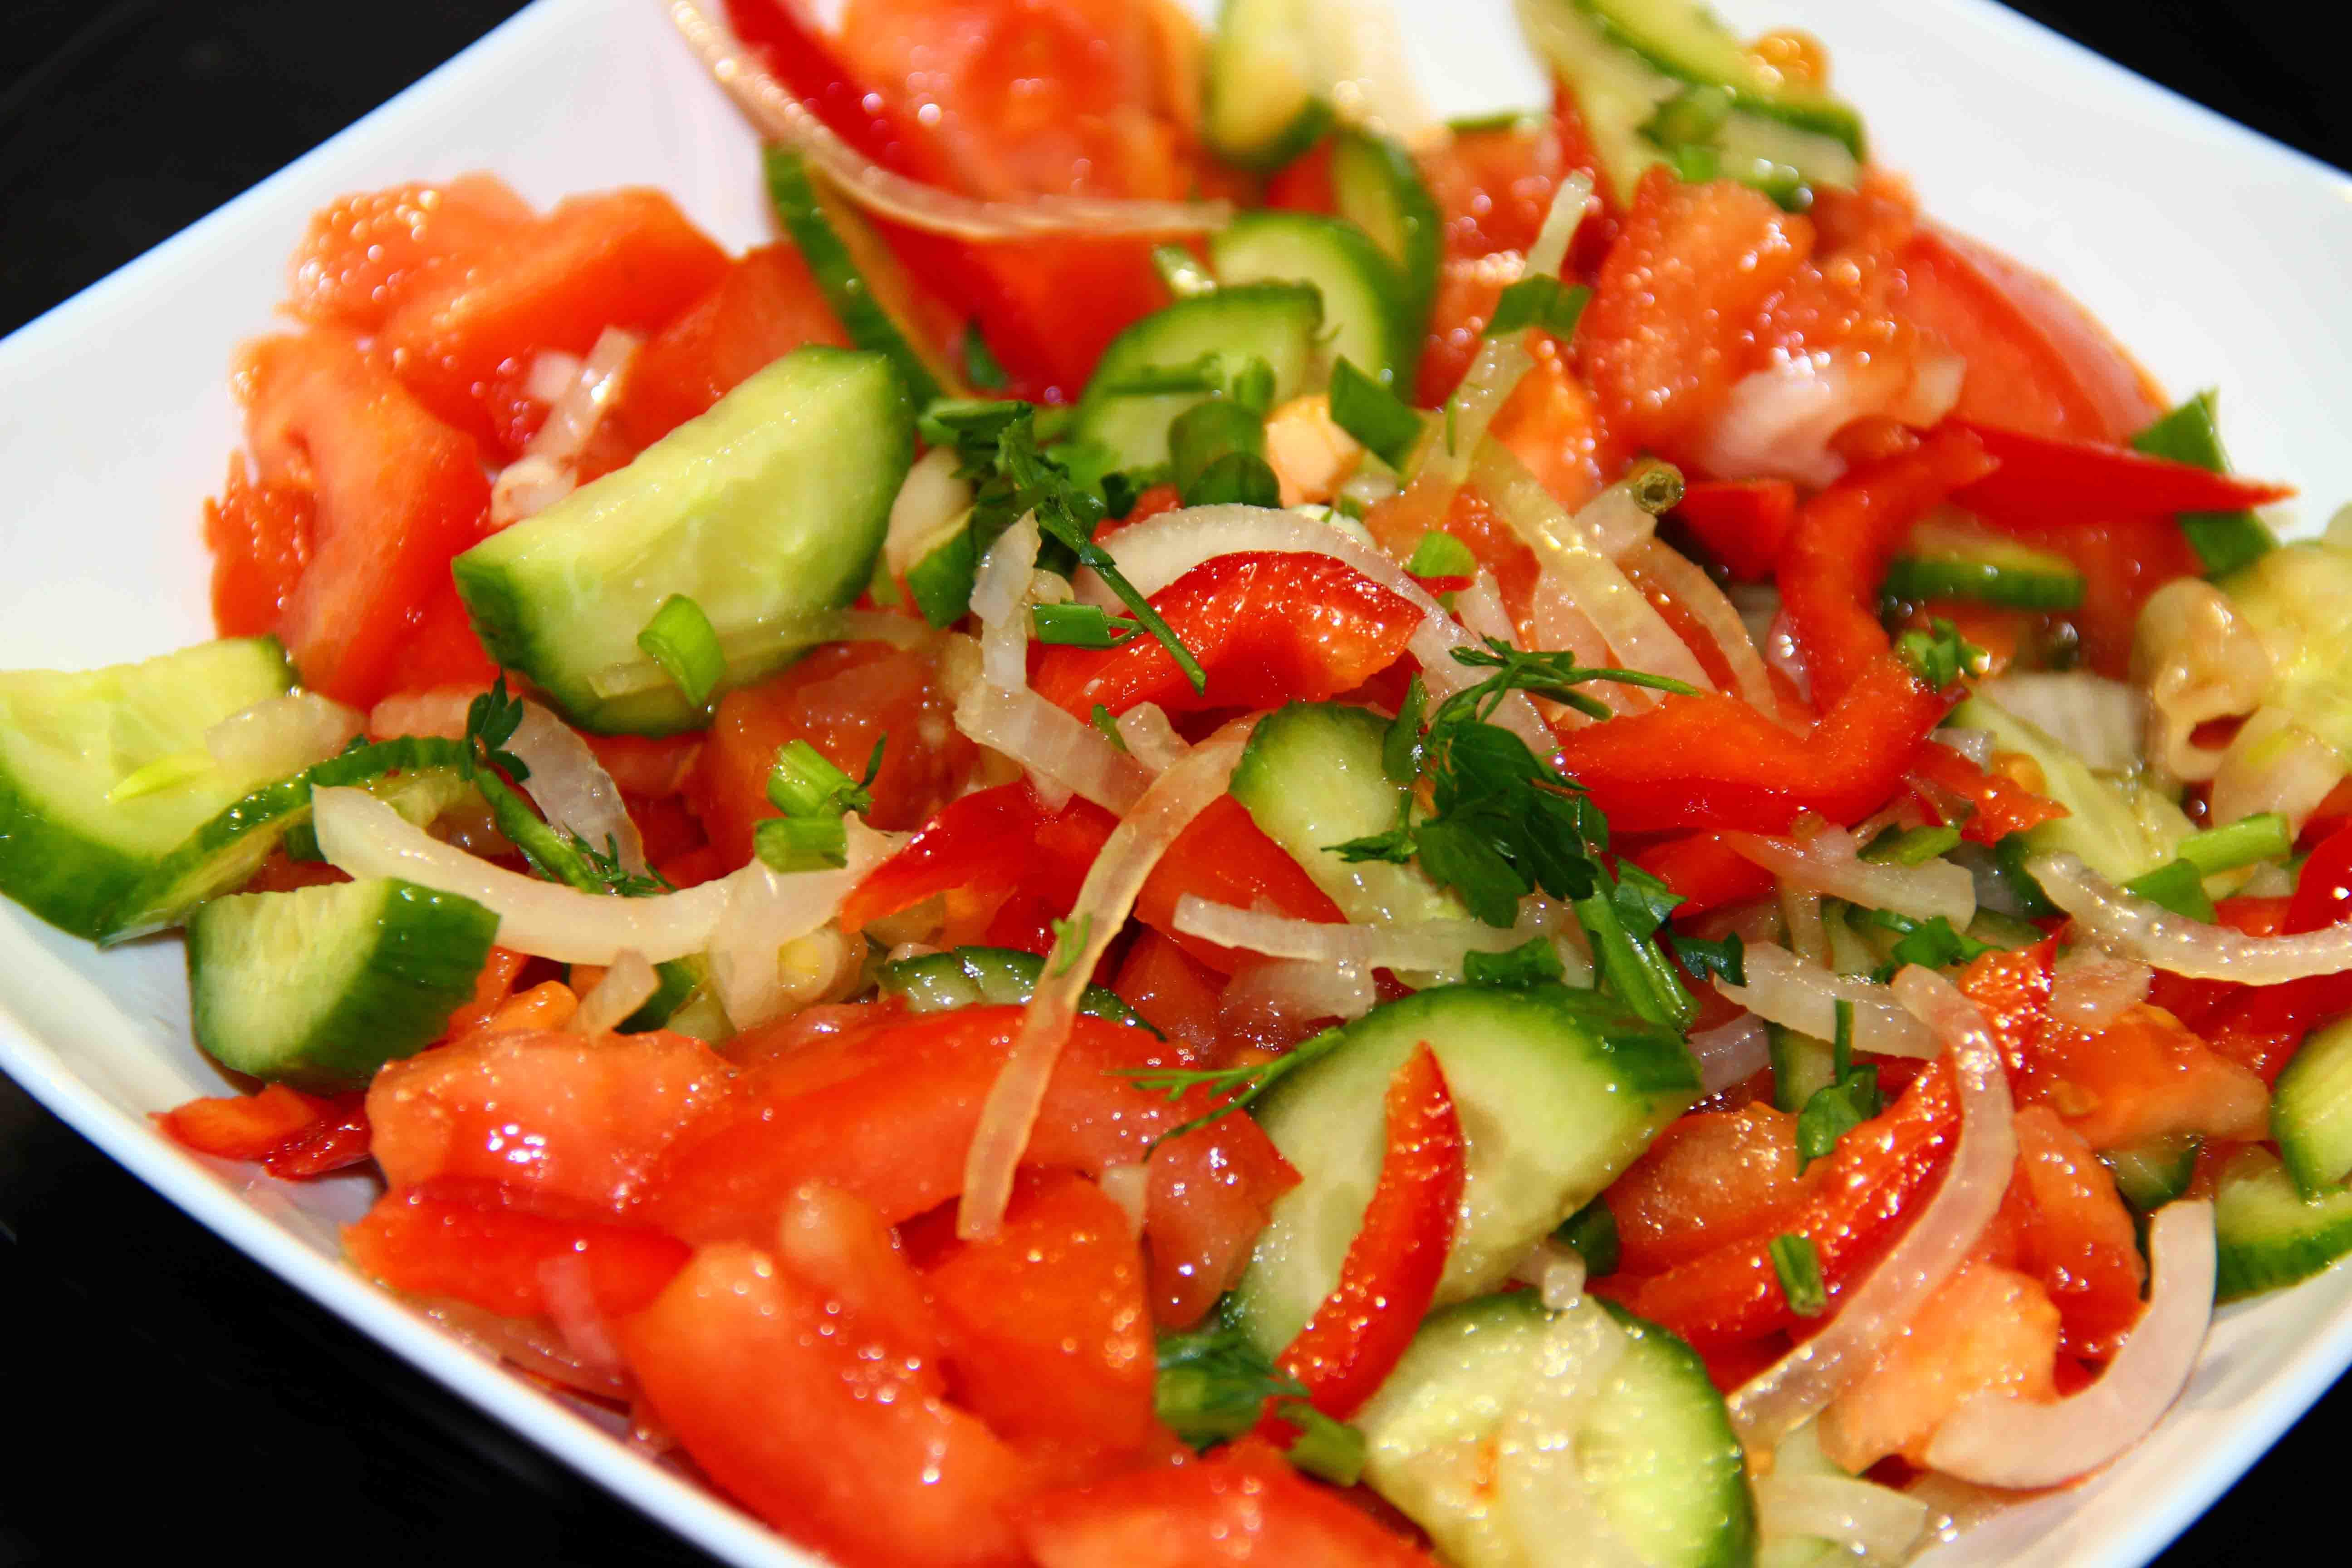 Салат из свежих овощей и бочкового огурца